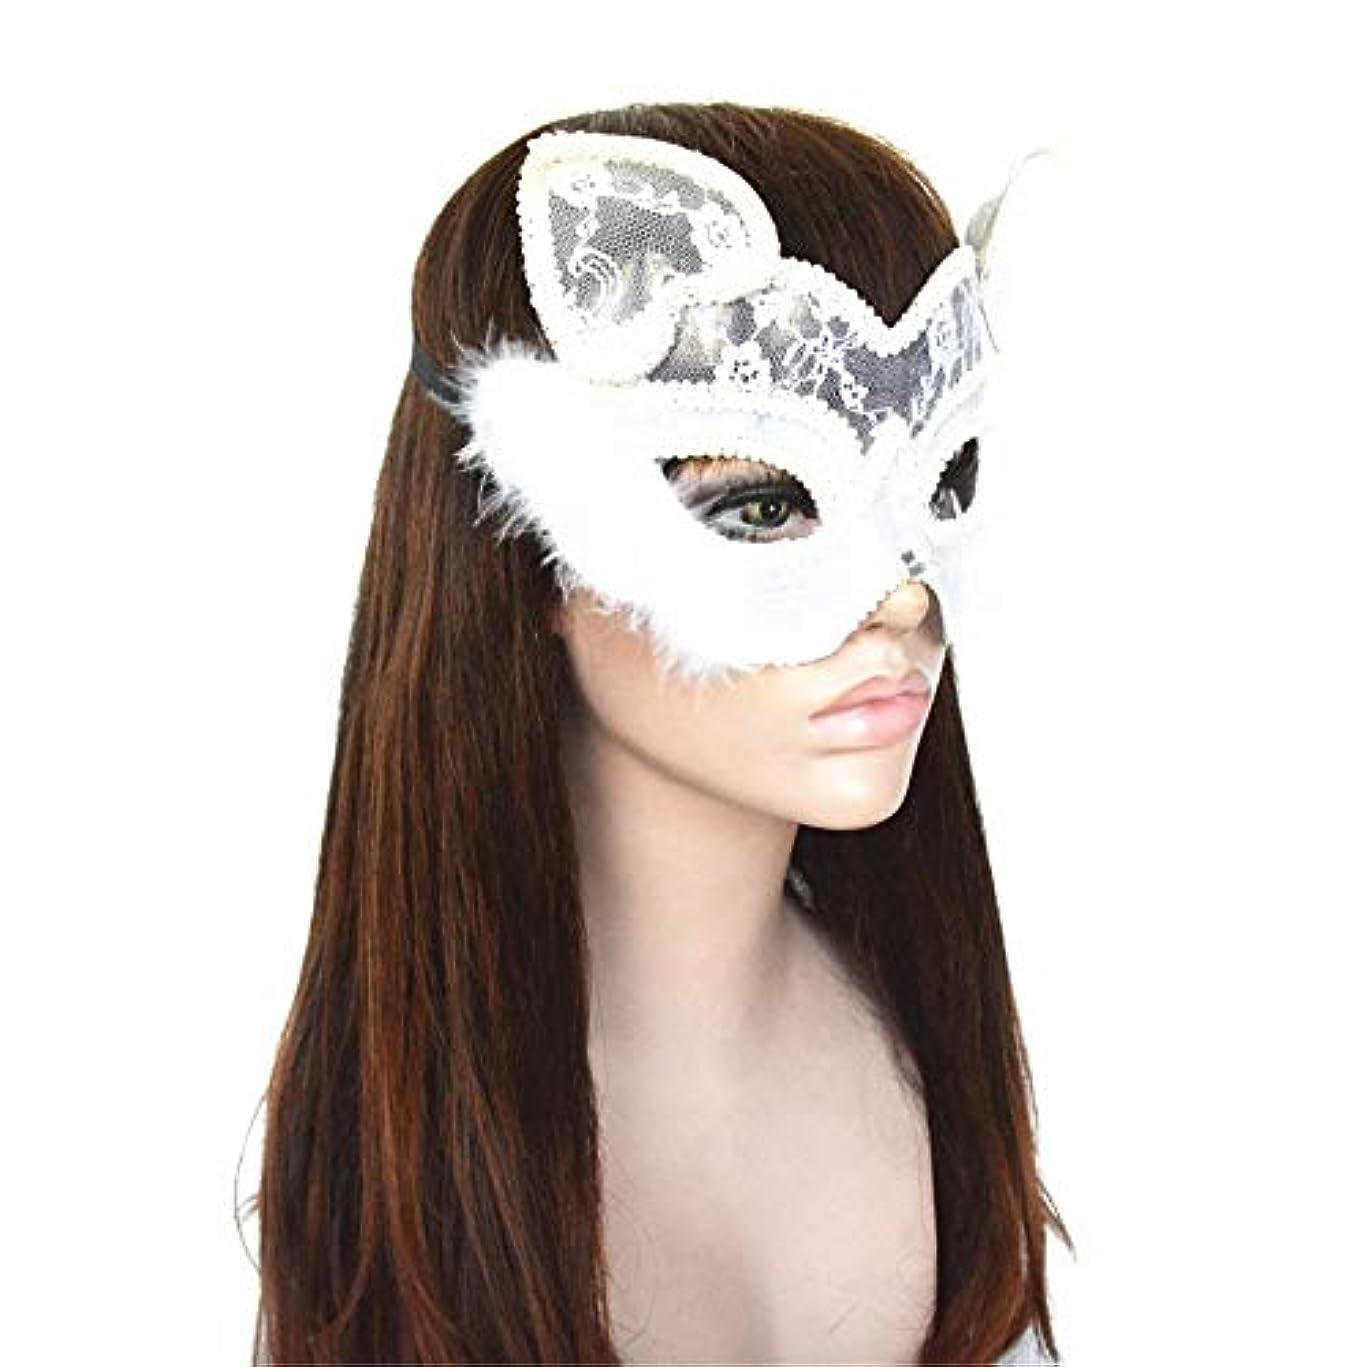 疾患オリエンテーションアグネスグレイダンスマスク レース楽しい女性動物猫顔ポリ塩化ビニールハロウィンマスククリスマス製品コスプレナイトクラブパーティーマスク ホリデーパーティー用品 (色 : 白, サイズ : 19x15.5cm)